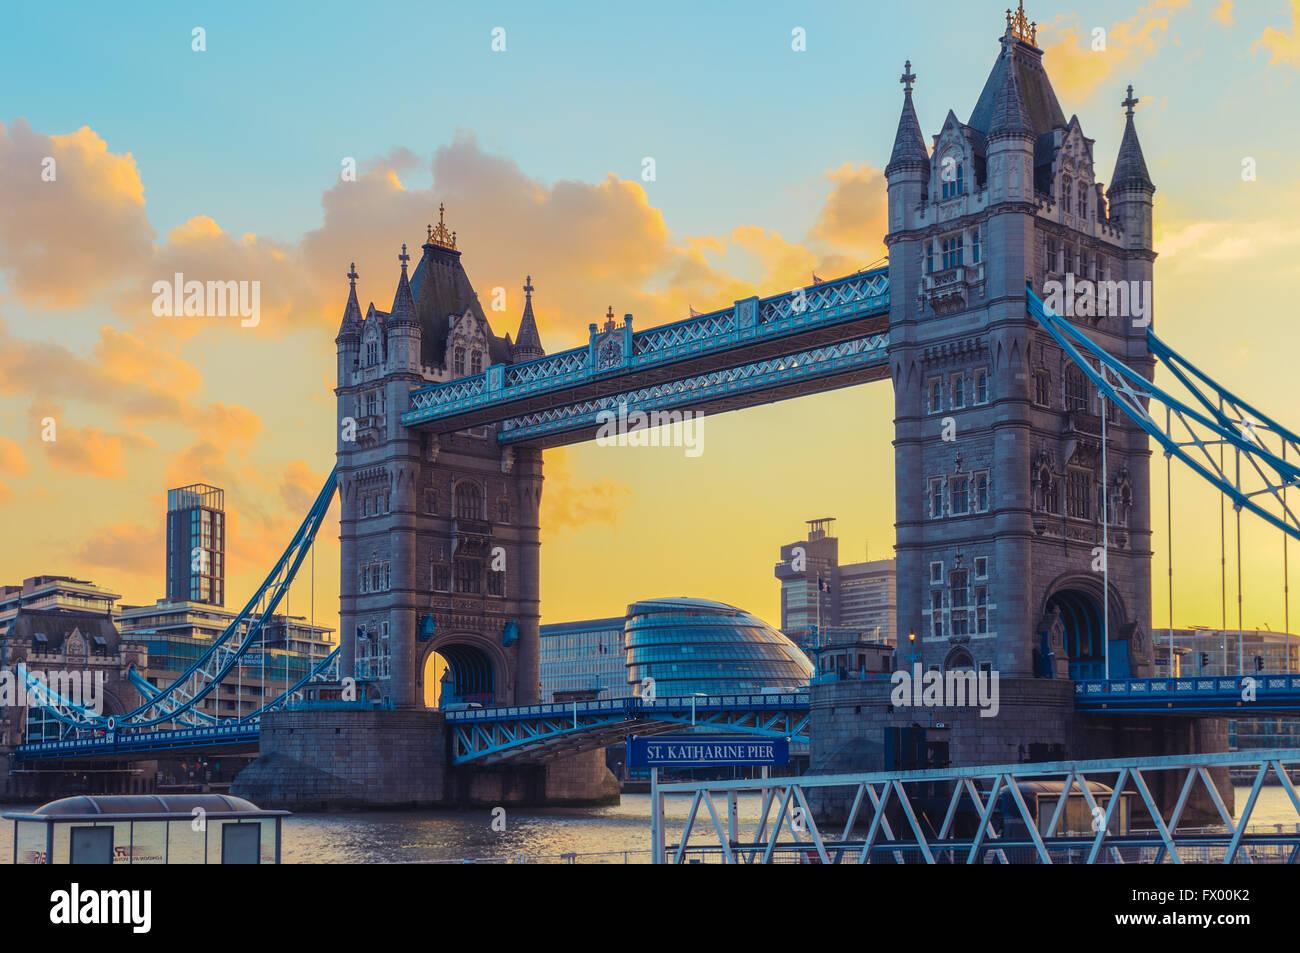 Tramonto al Tower Bridge e Santa Katharine Pier a Londra, Regno Unito Immagini Stock